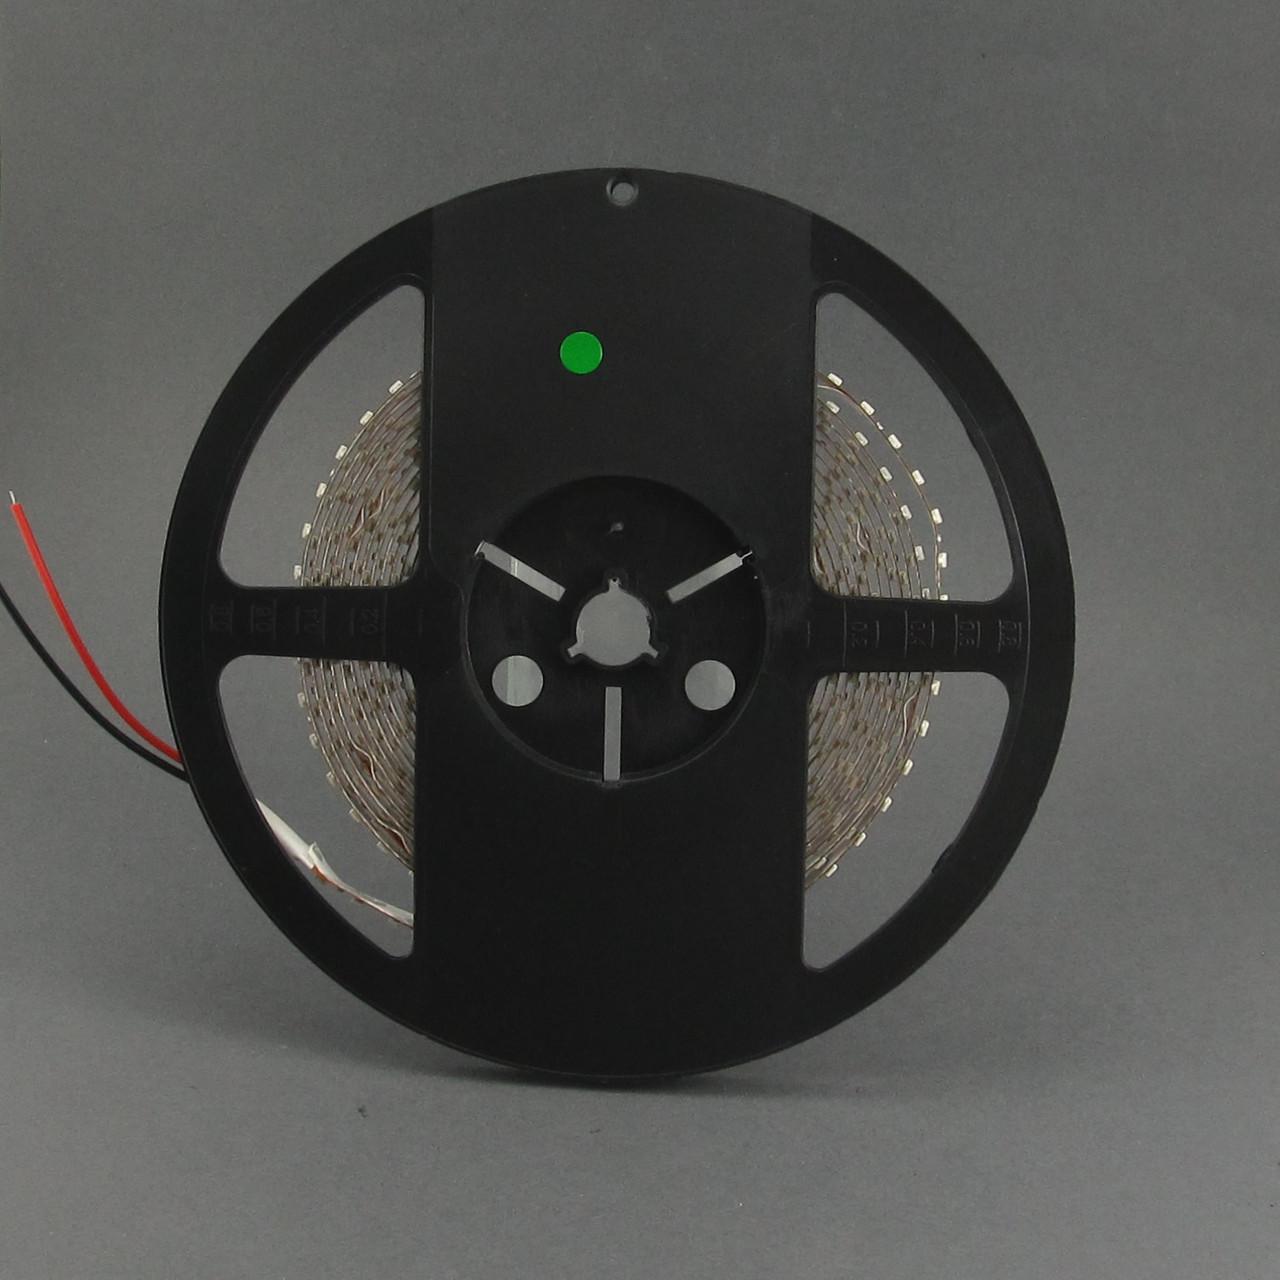 Светодиодная лента SMD 3528/120 IP20 Standart Теплый белый